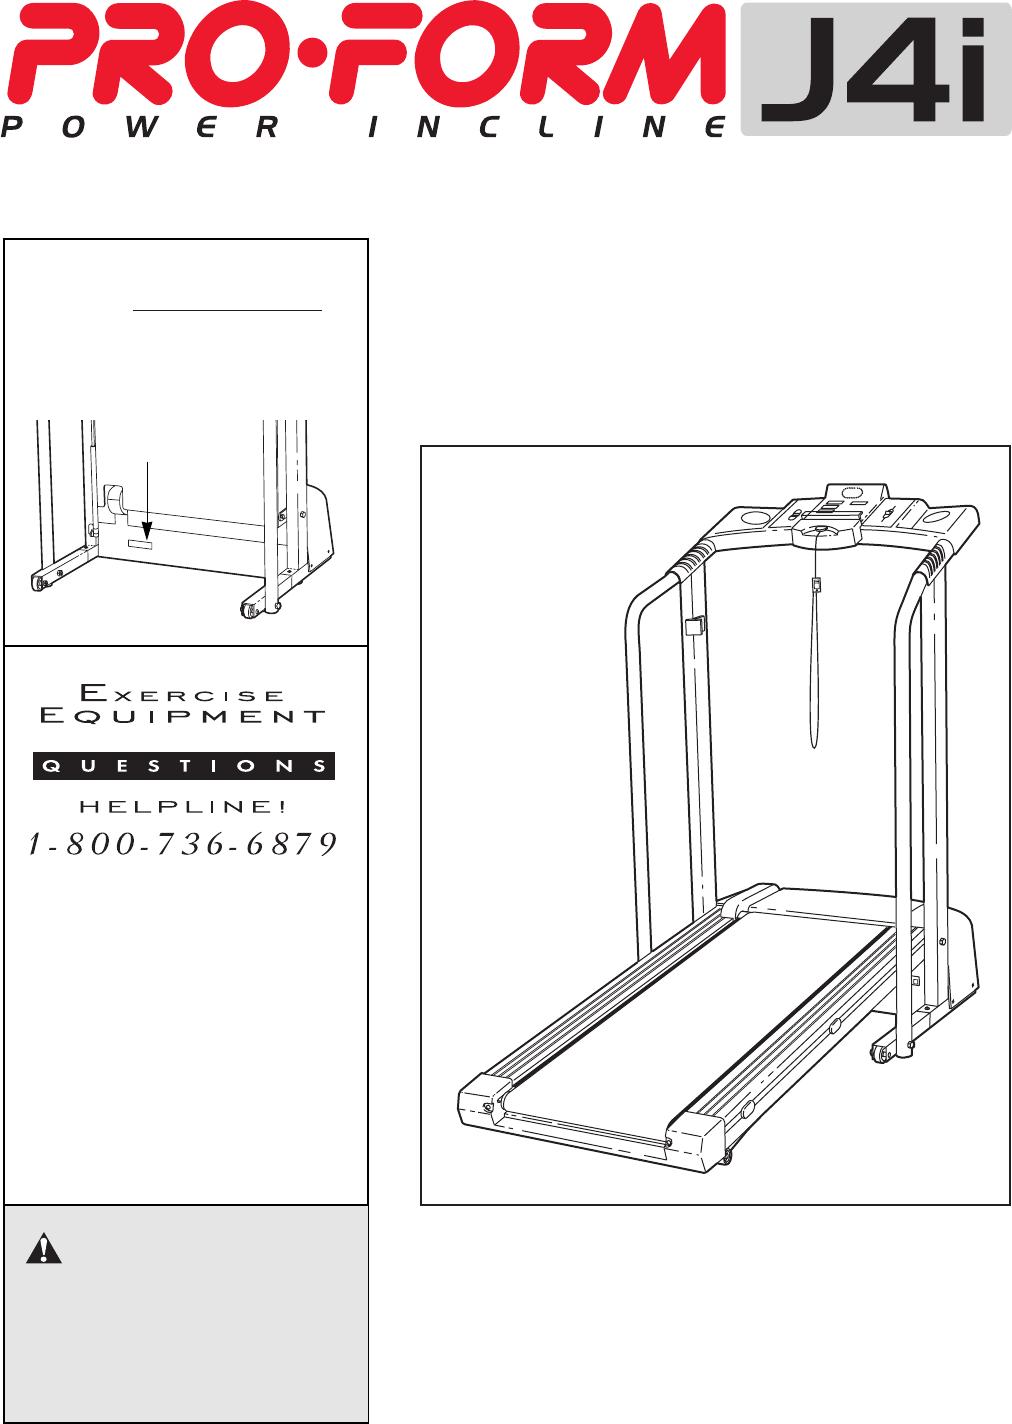 ProForm Treadmill 831 297212 User Guide | ManualsOnline com